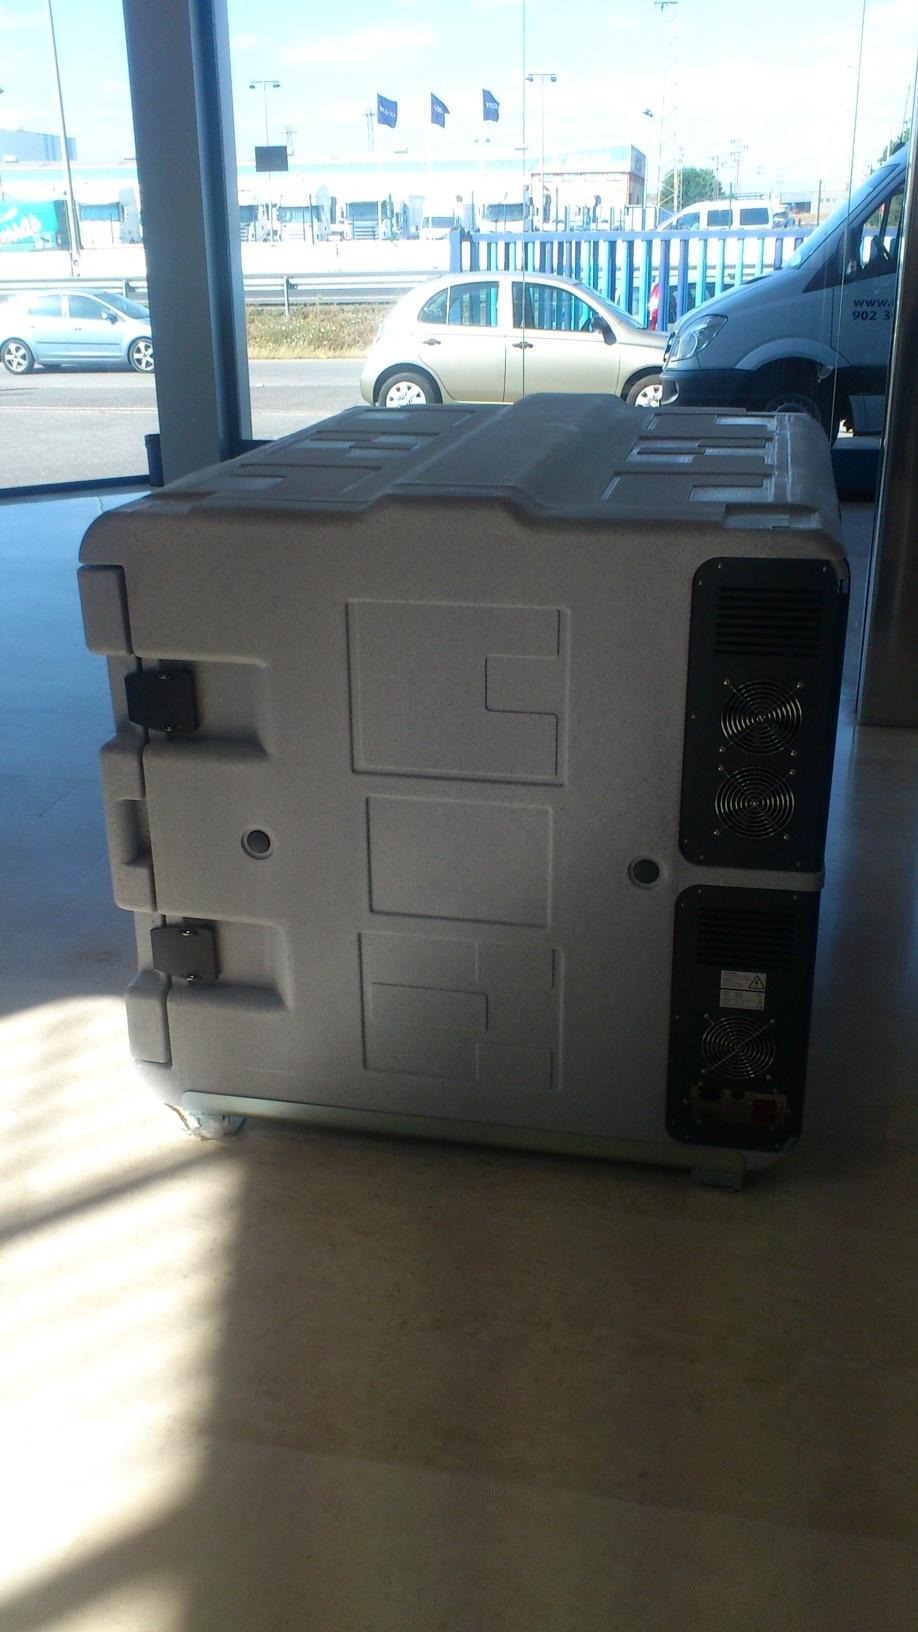 camaras frigorificas coches